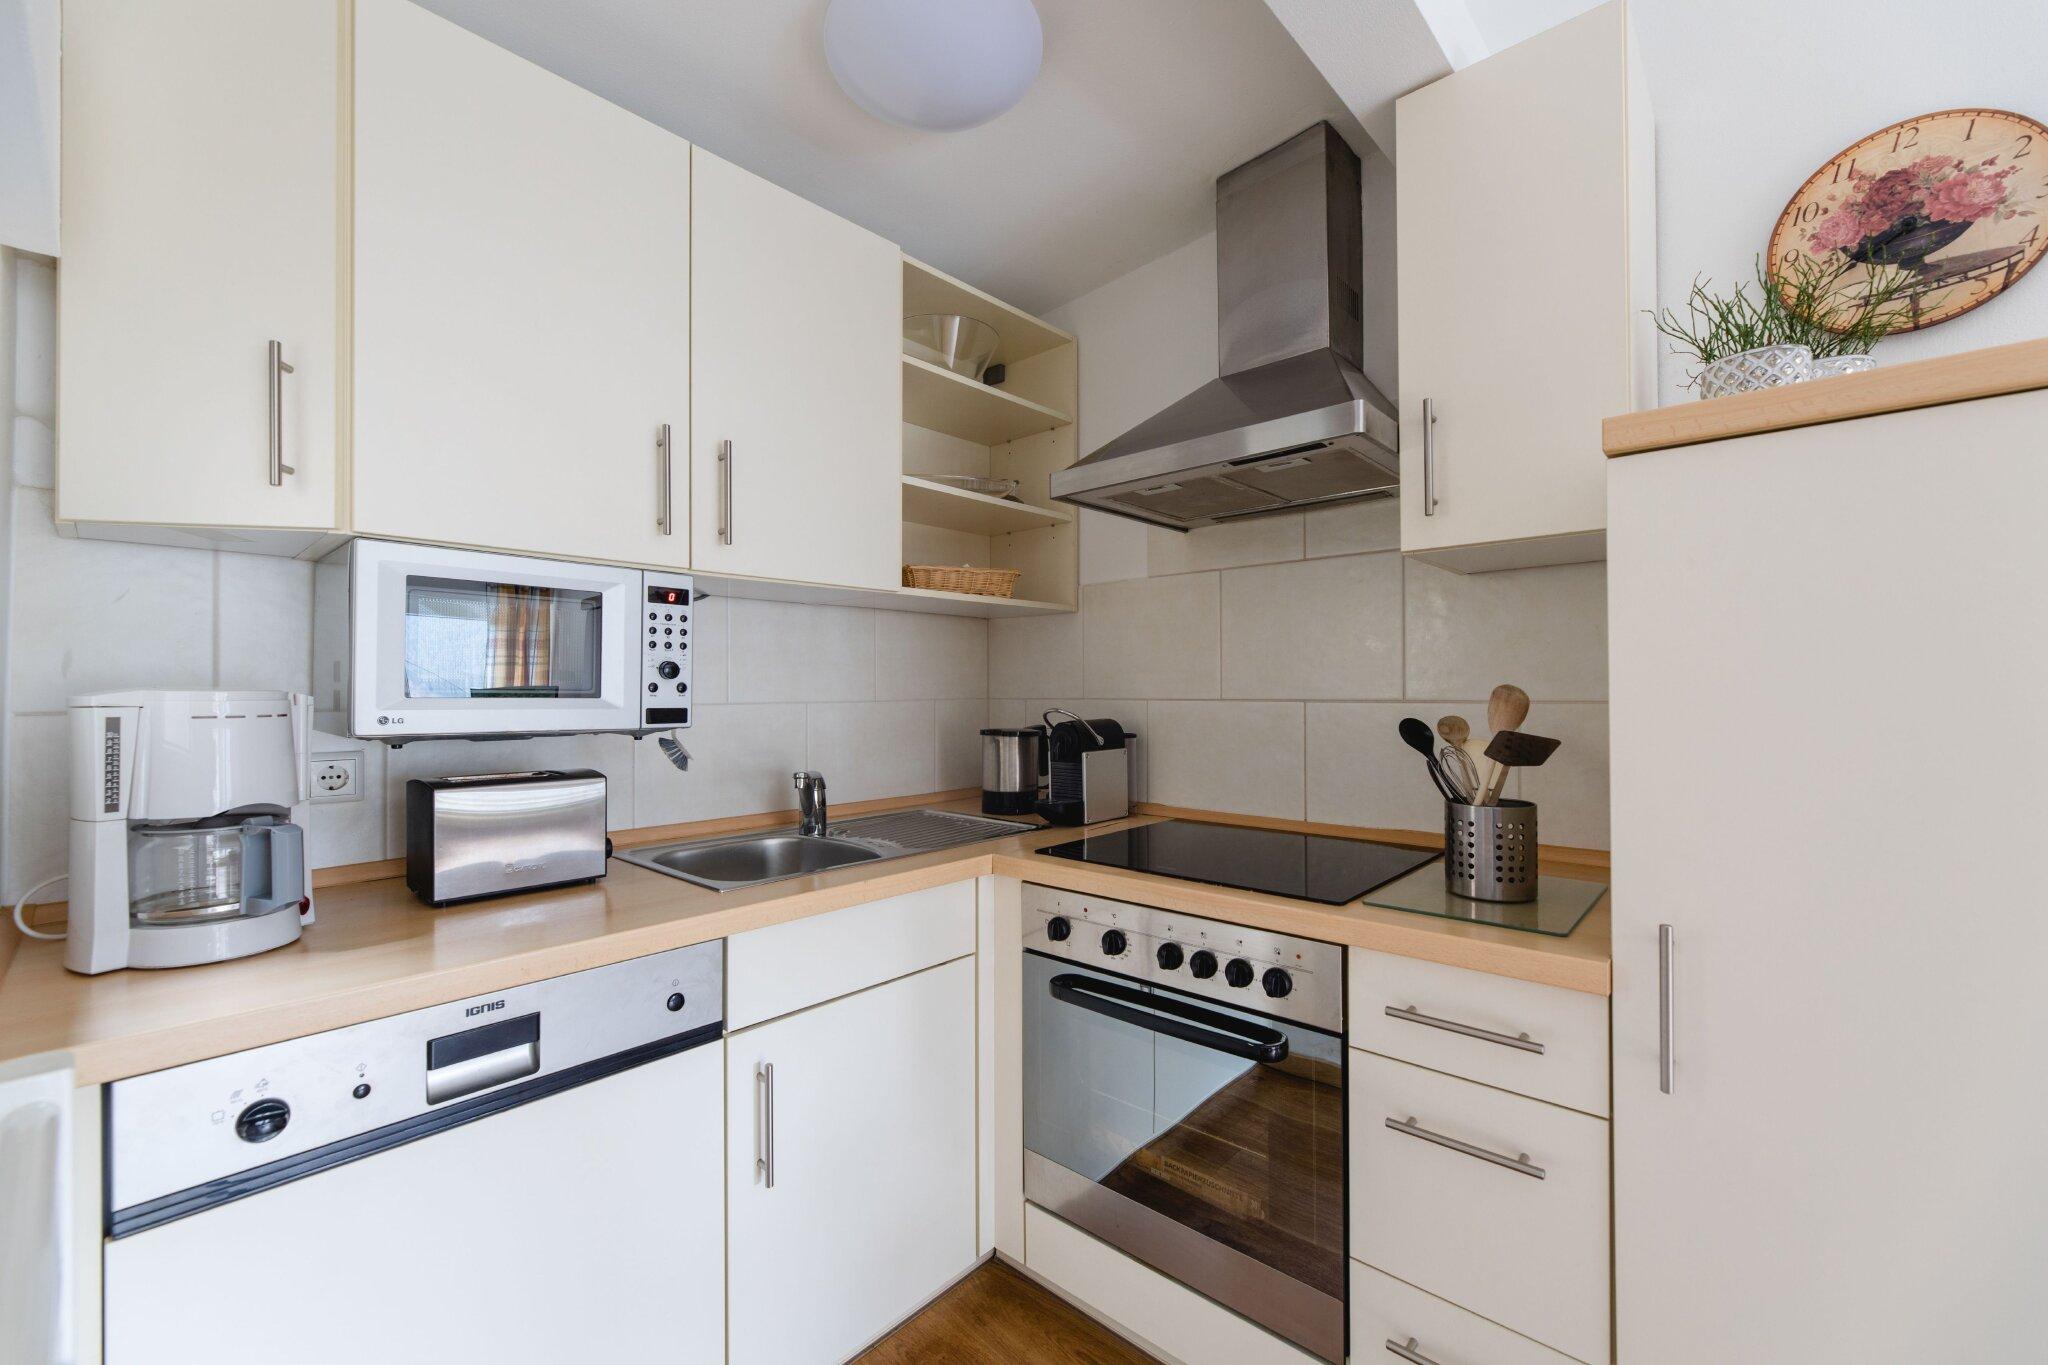 Zusätzliche Küche im Nebenhaus